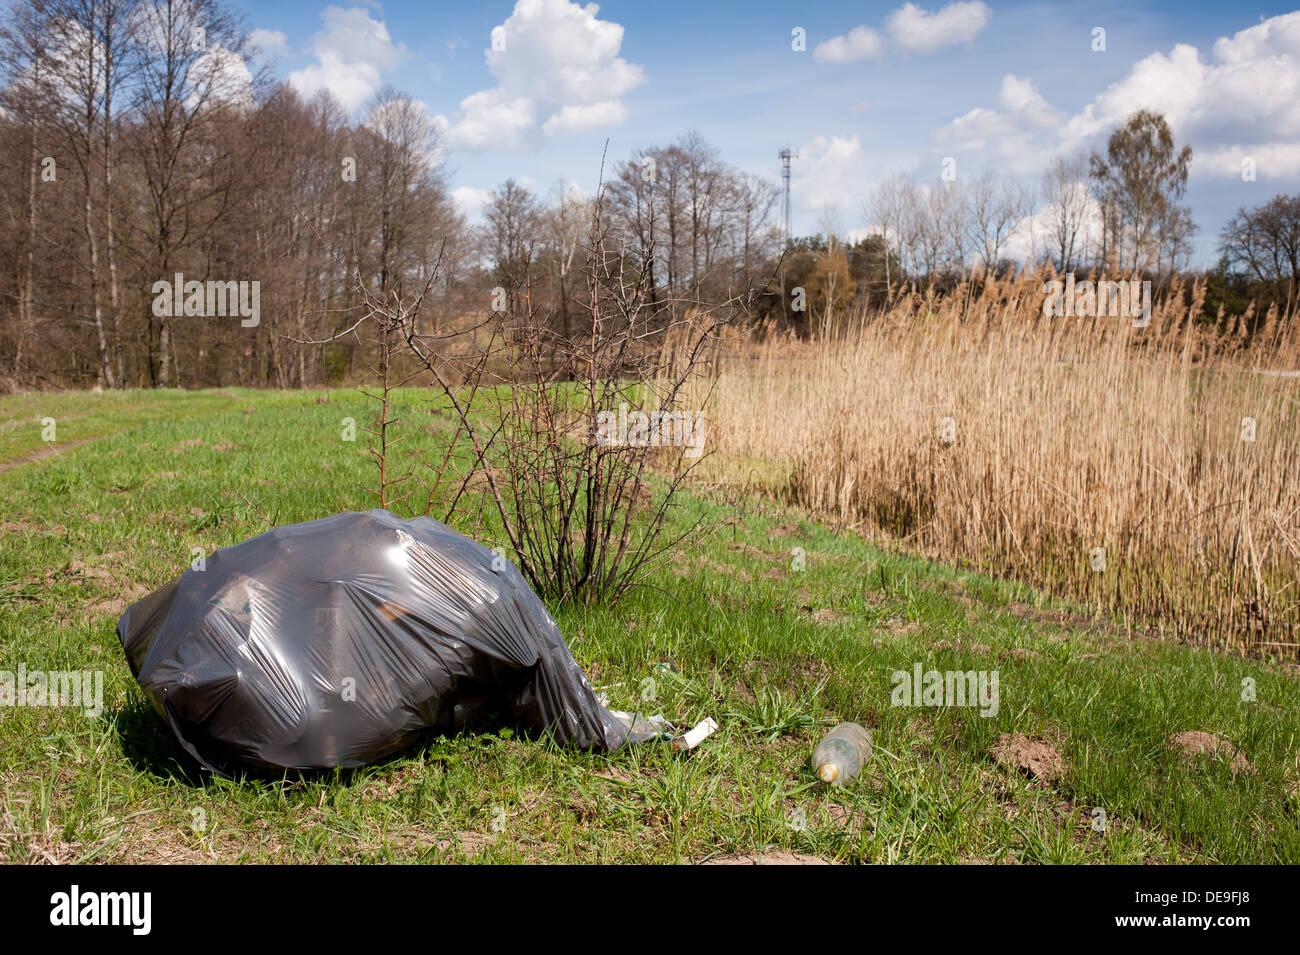 Diffusione illegale di rifiuti nel sacco nero in plastica Immagini Stock